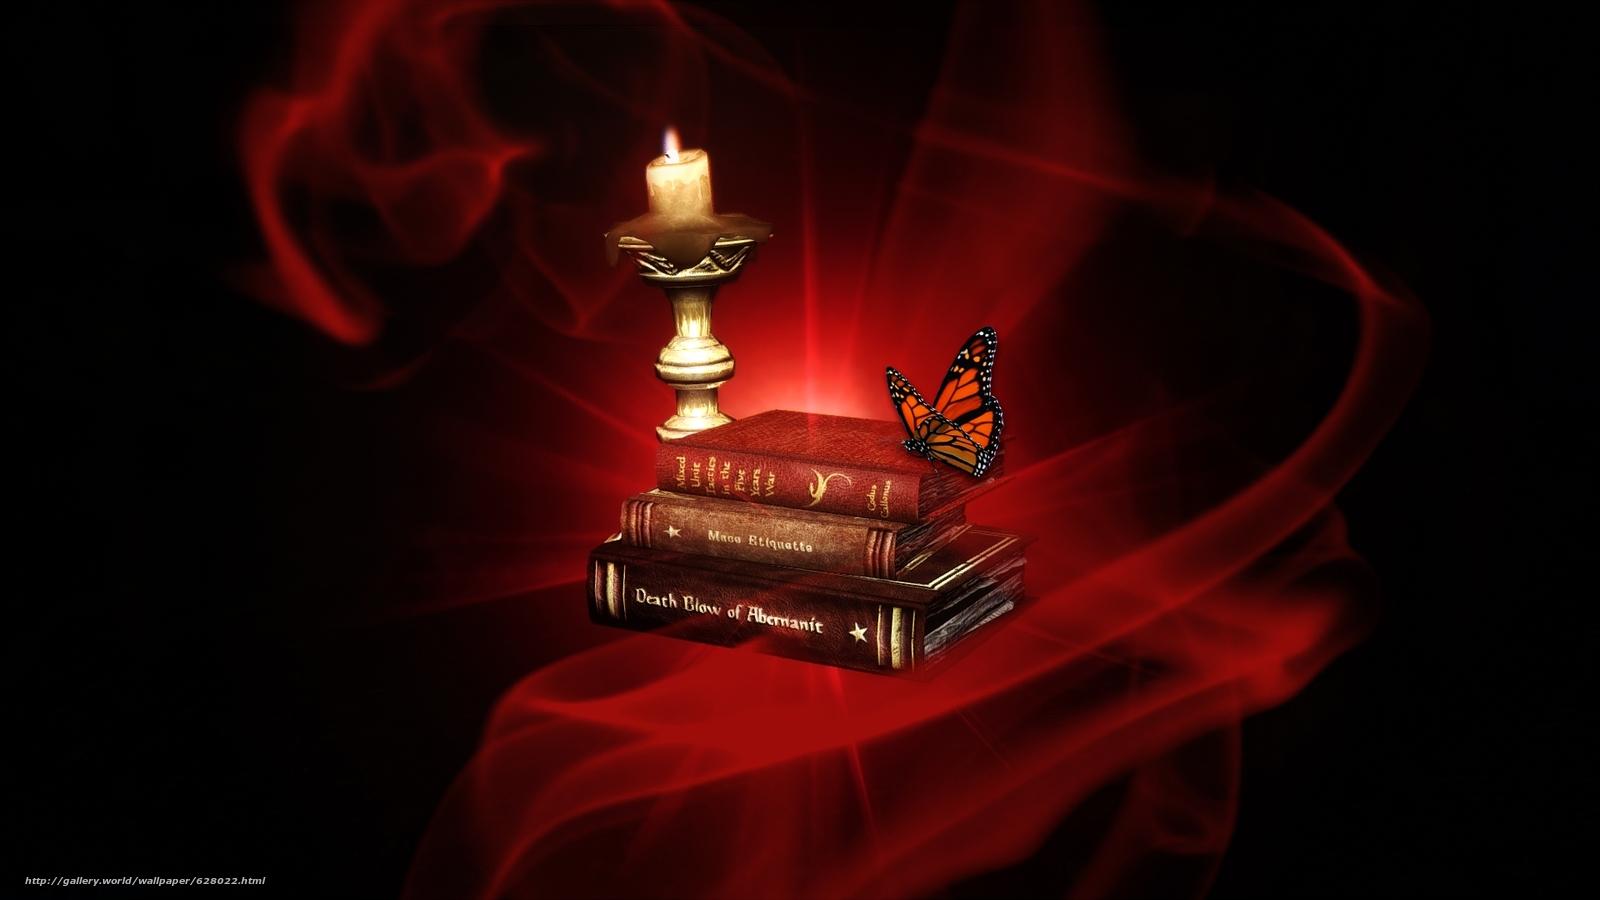 Скачать обои свеча,  книга,  бабочка бесплатно для рабочего стола в разрешении 1920x1080 — картинка №628022